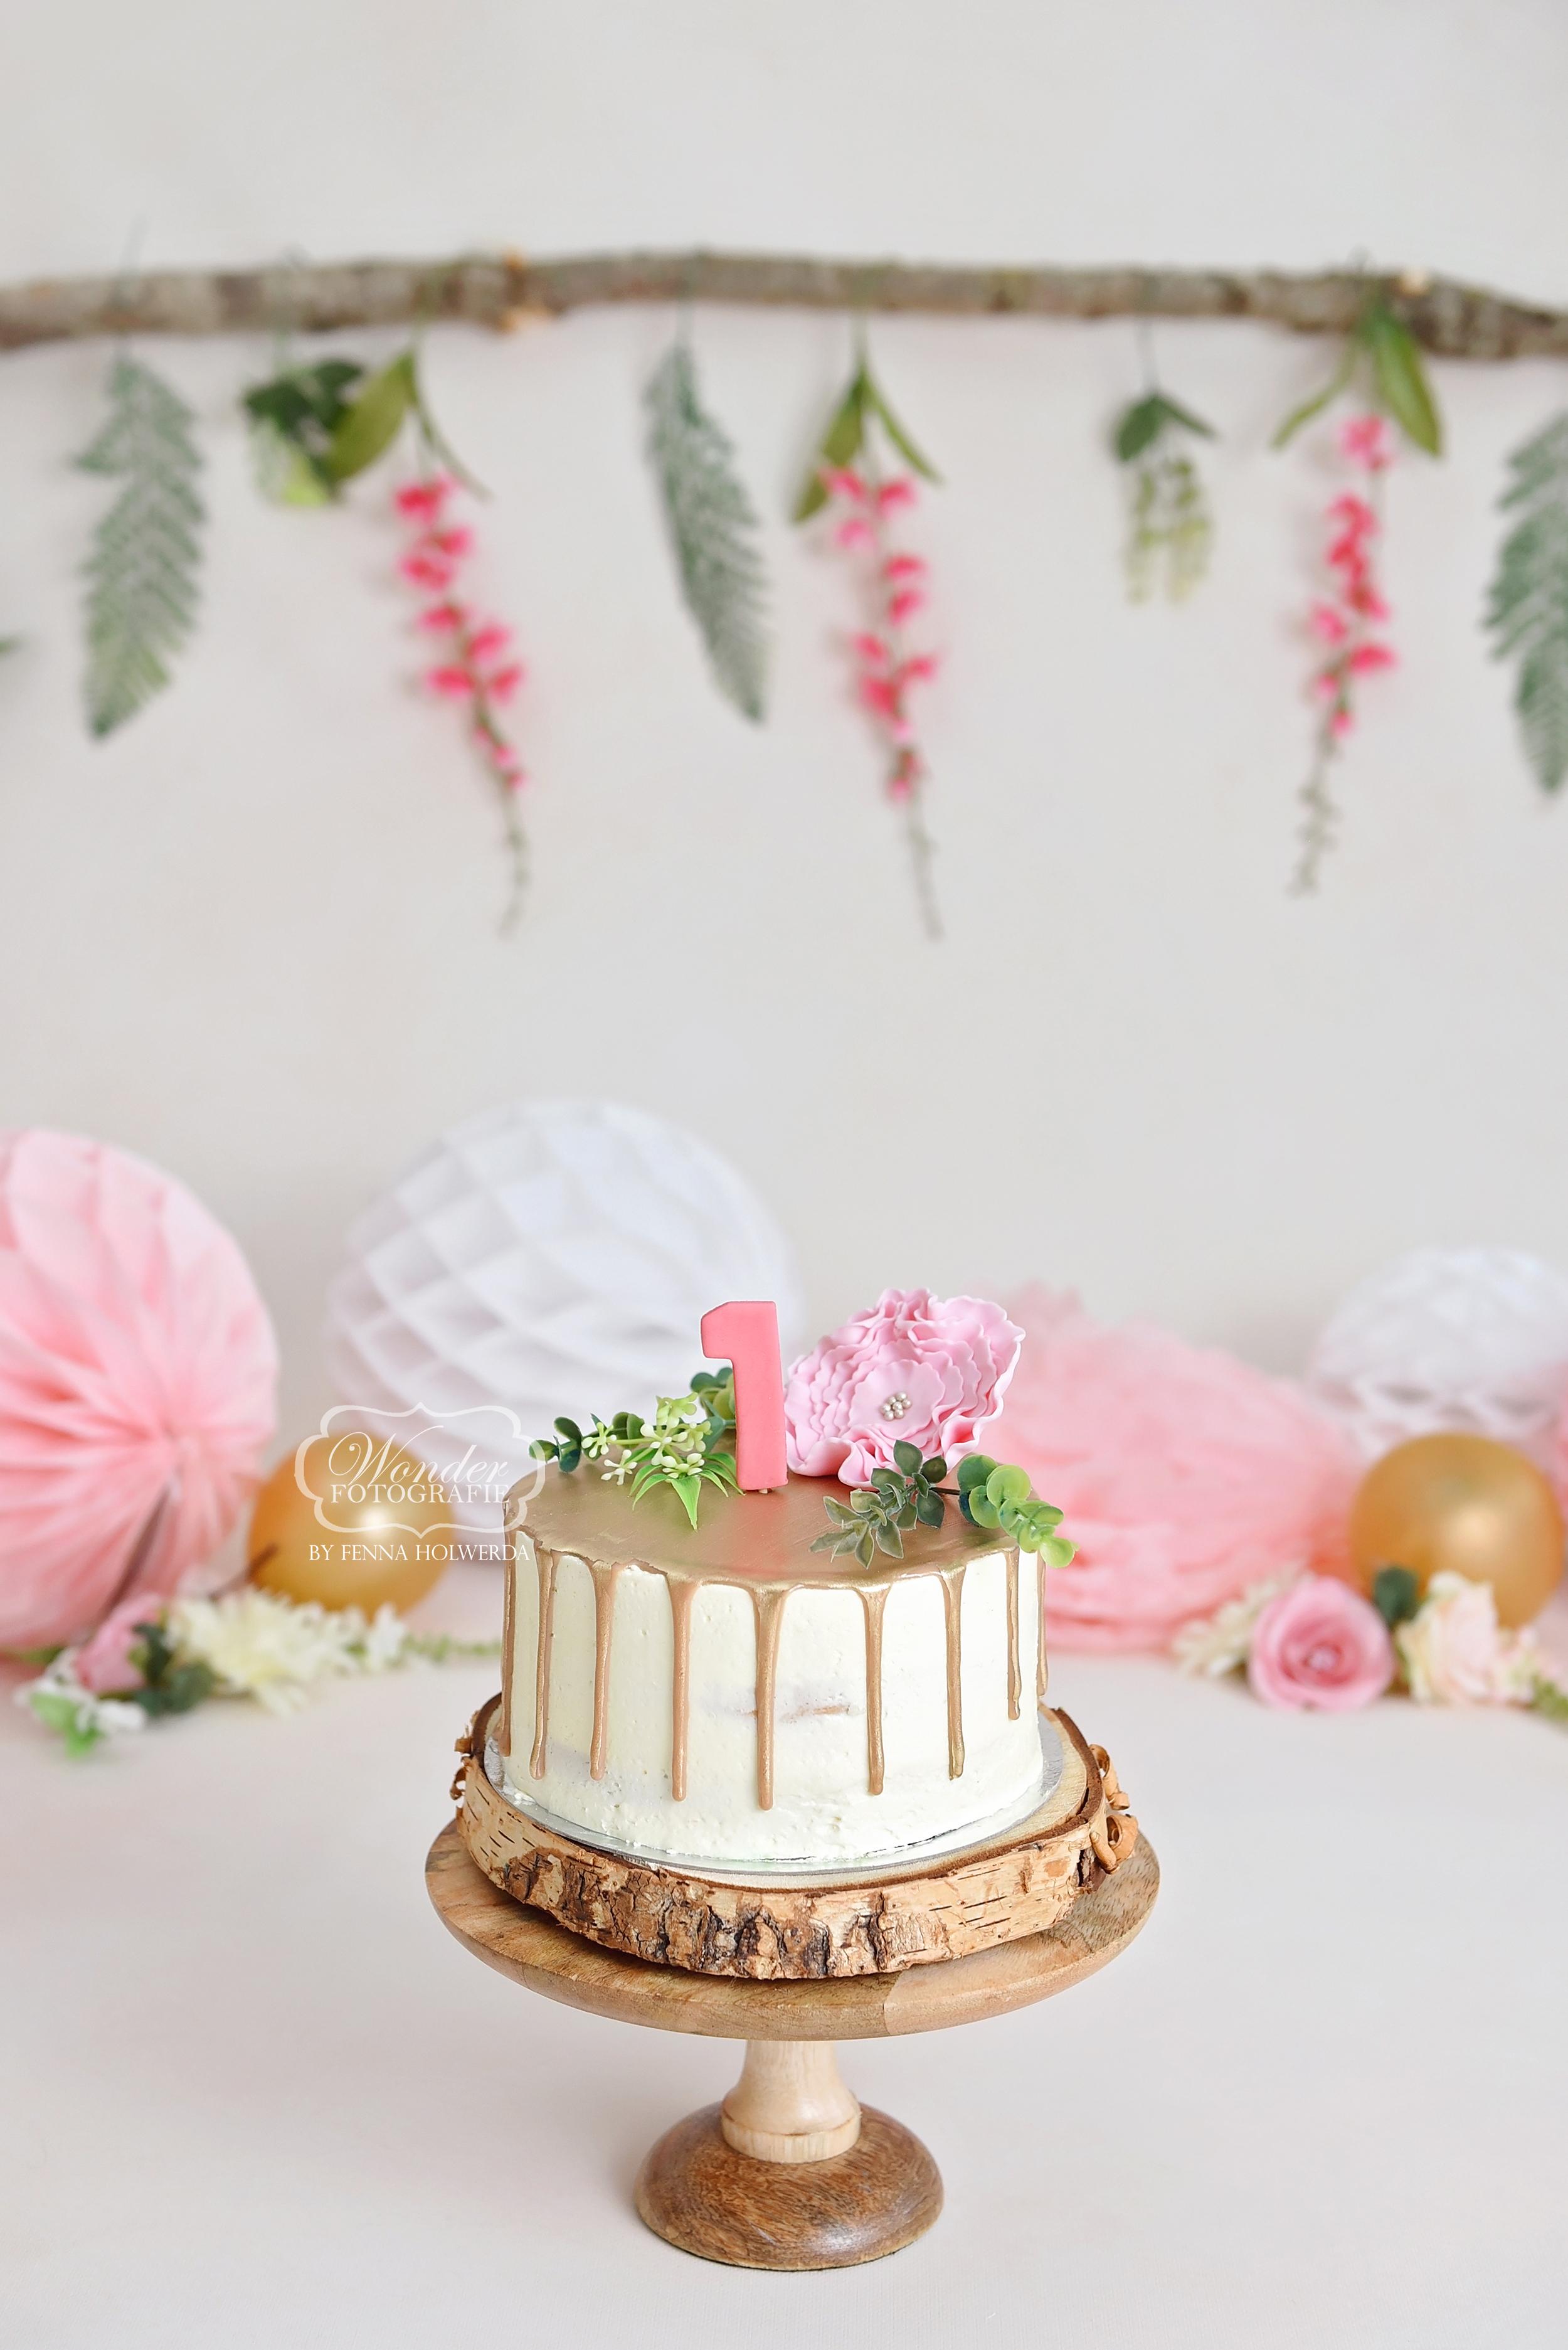 Spiksplinternieuw Cake Smash Fotoshoot MG-67